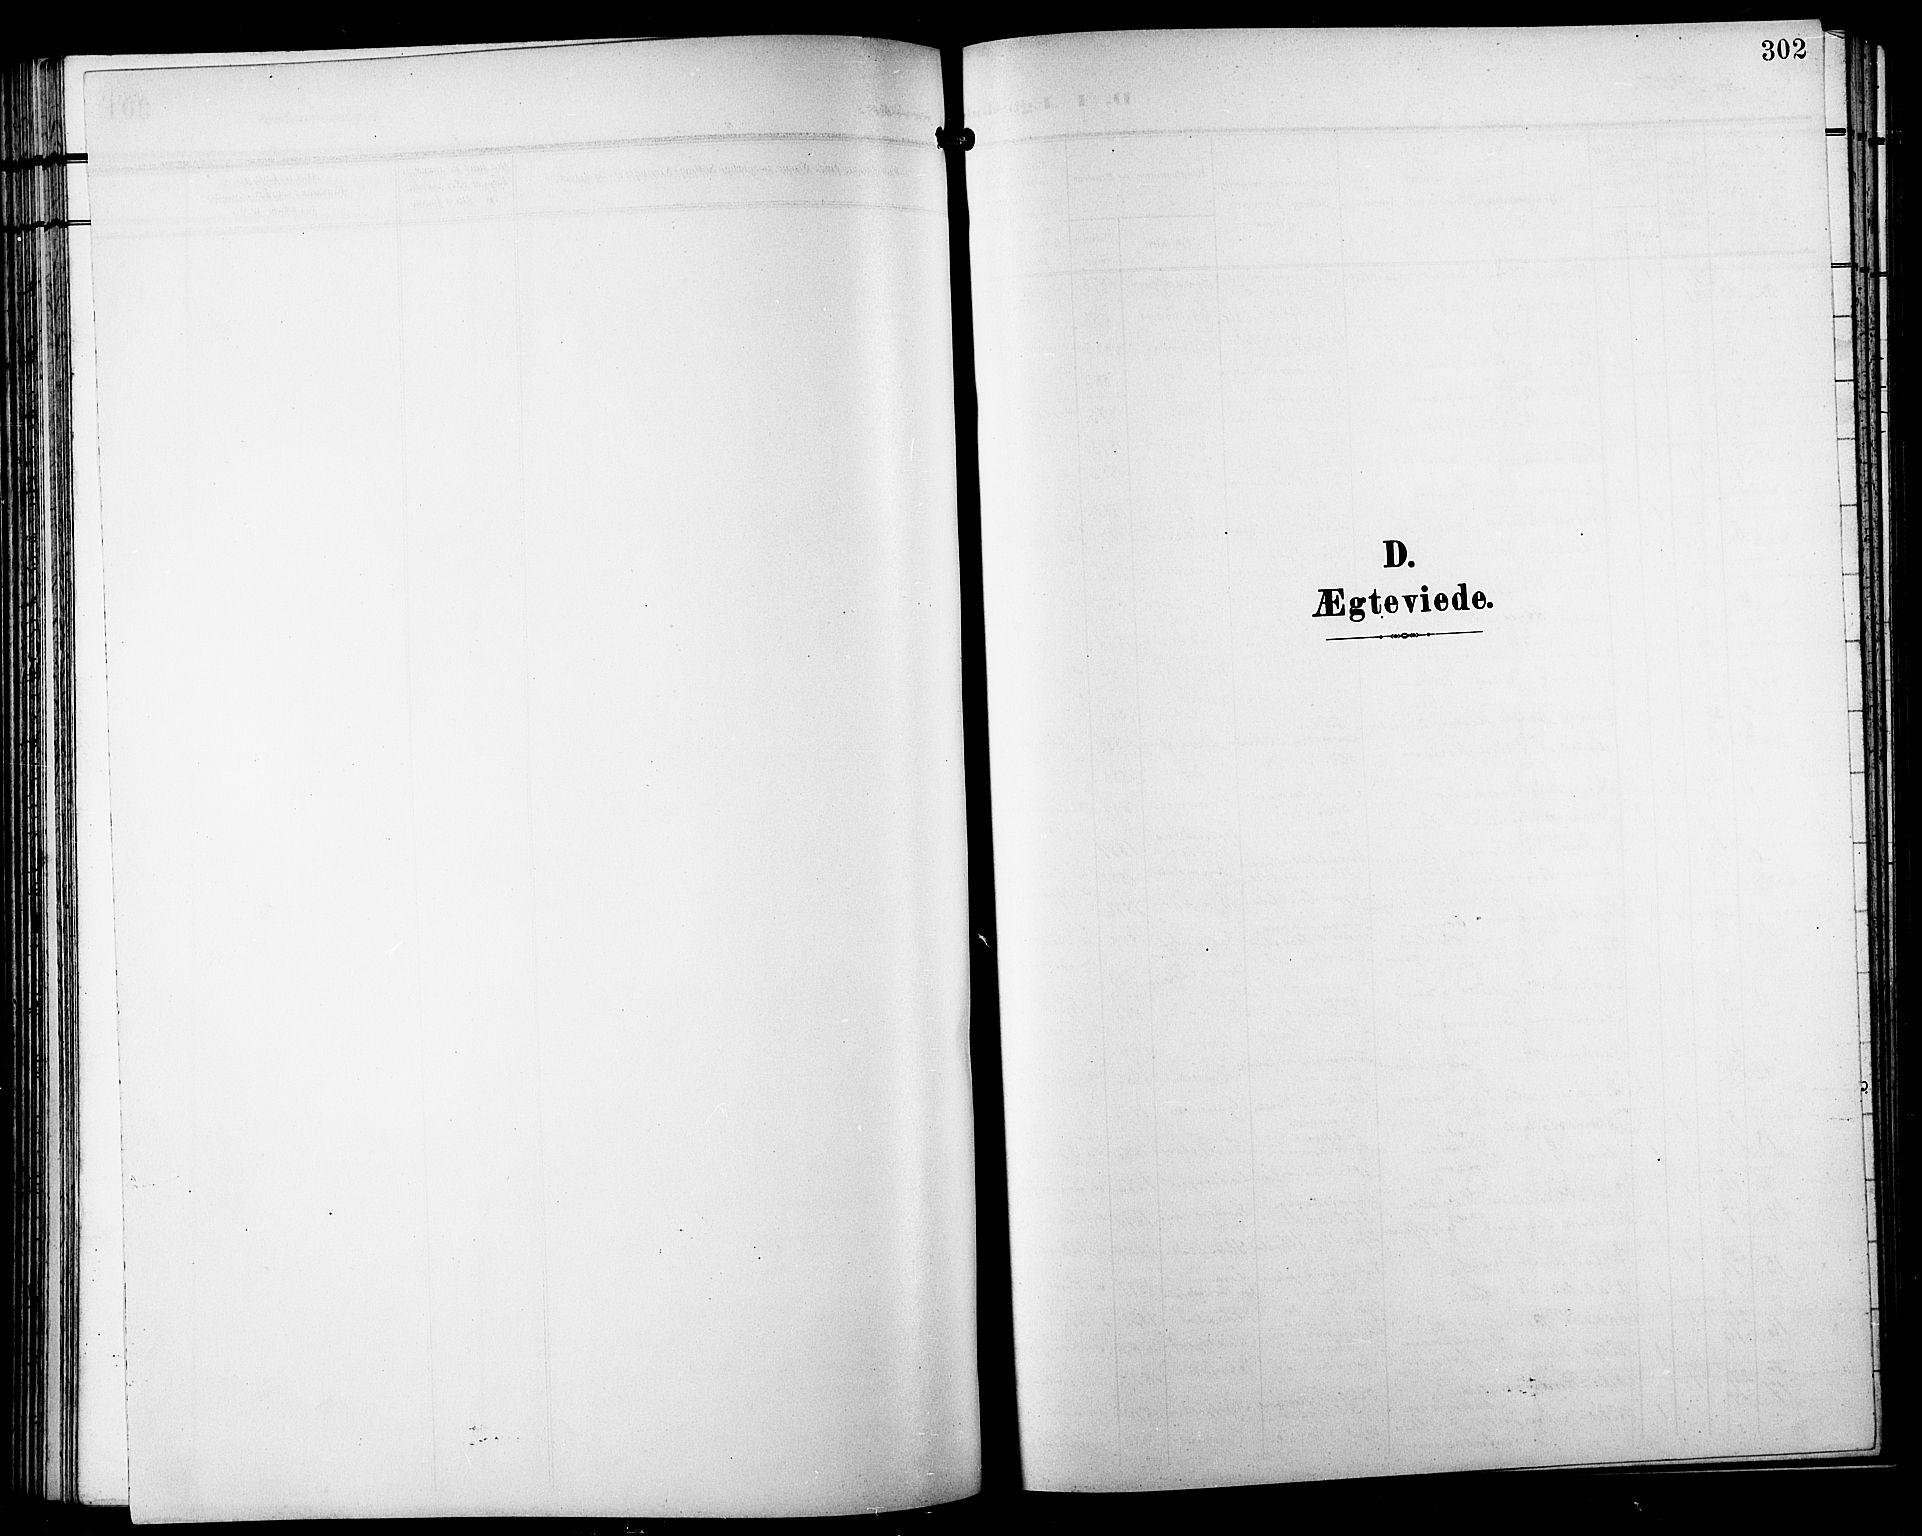 SATØ, Trondenes sokneprestkontor, H/Hb/L0012klokker: Klokkerbok nr. 12, 1907-1916, s. 302